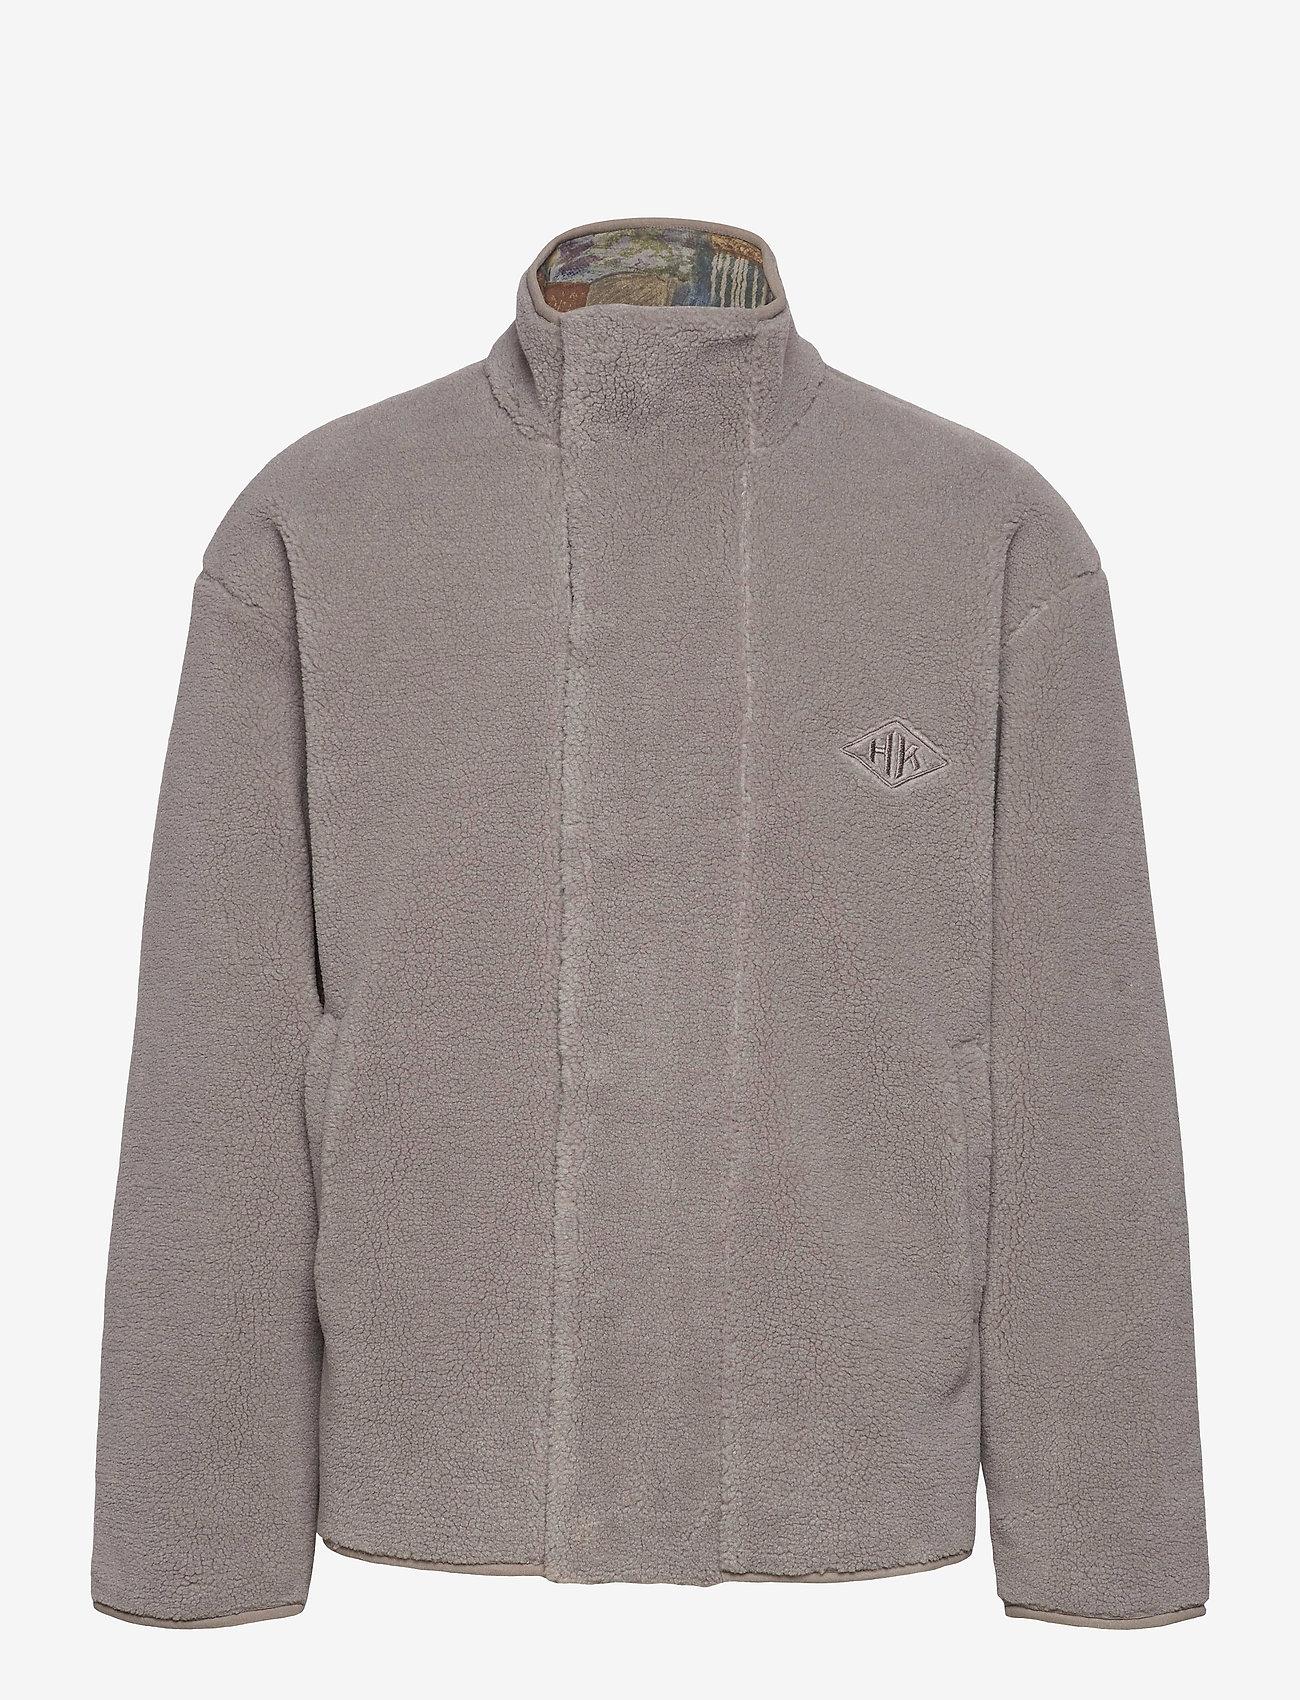 HAN Kjøbenhavn - Track Fleece - dark grey - 0